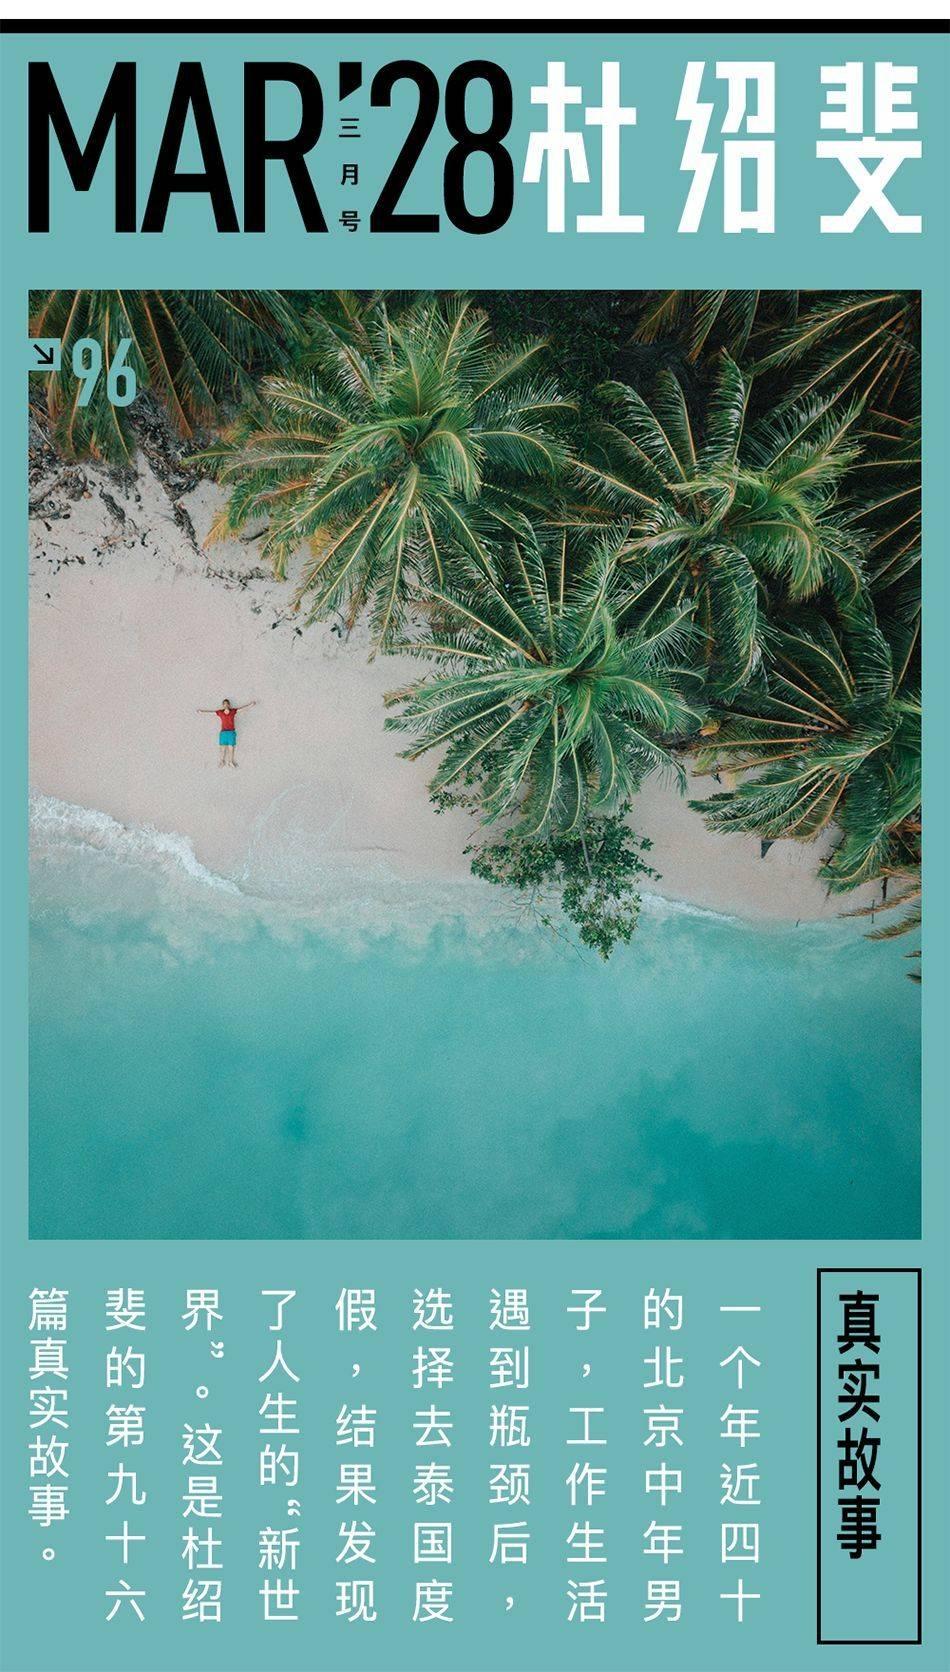 中年人的间隔年:离开北京,去泰国寻找第二春